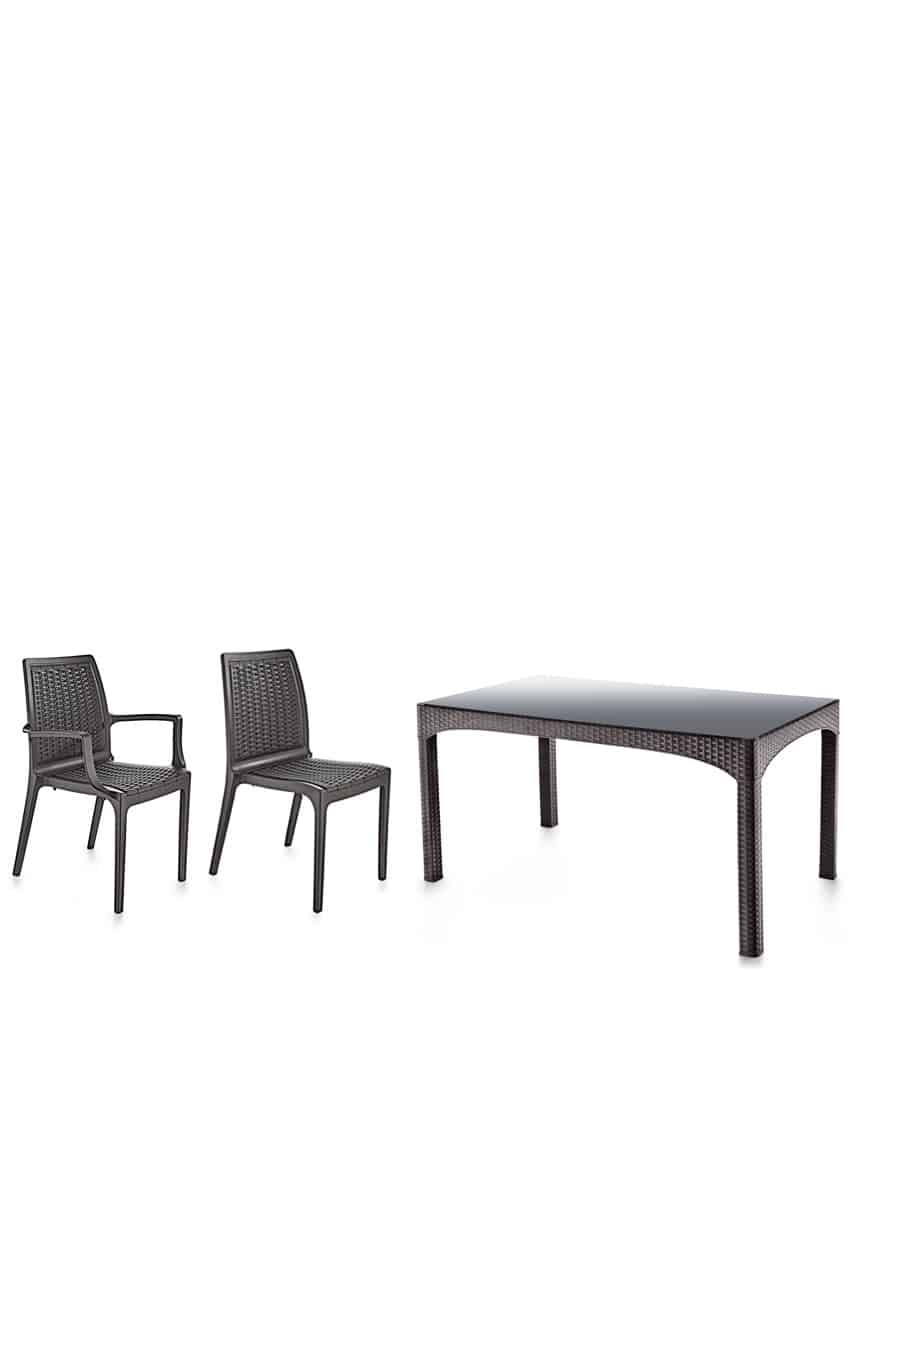 Rattan Masa Sandalye Takımı Camlı (6 Sandalye +1 Masa)